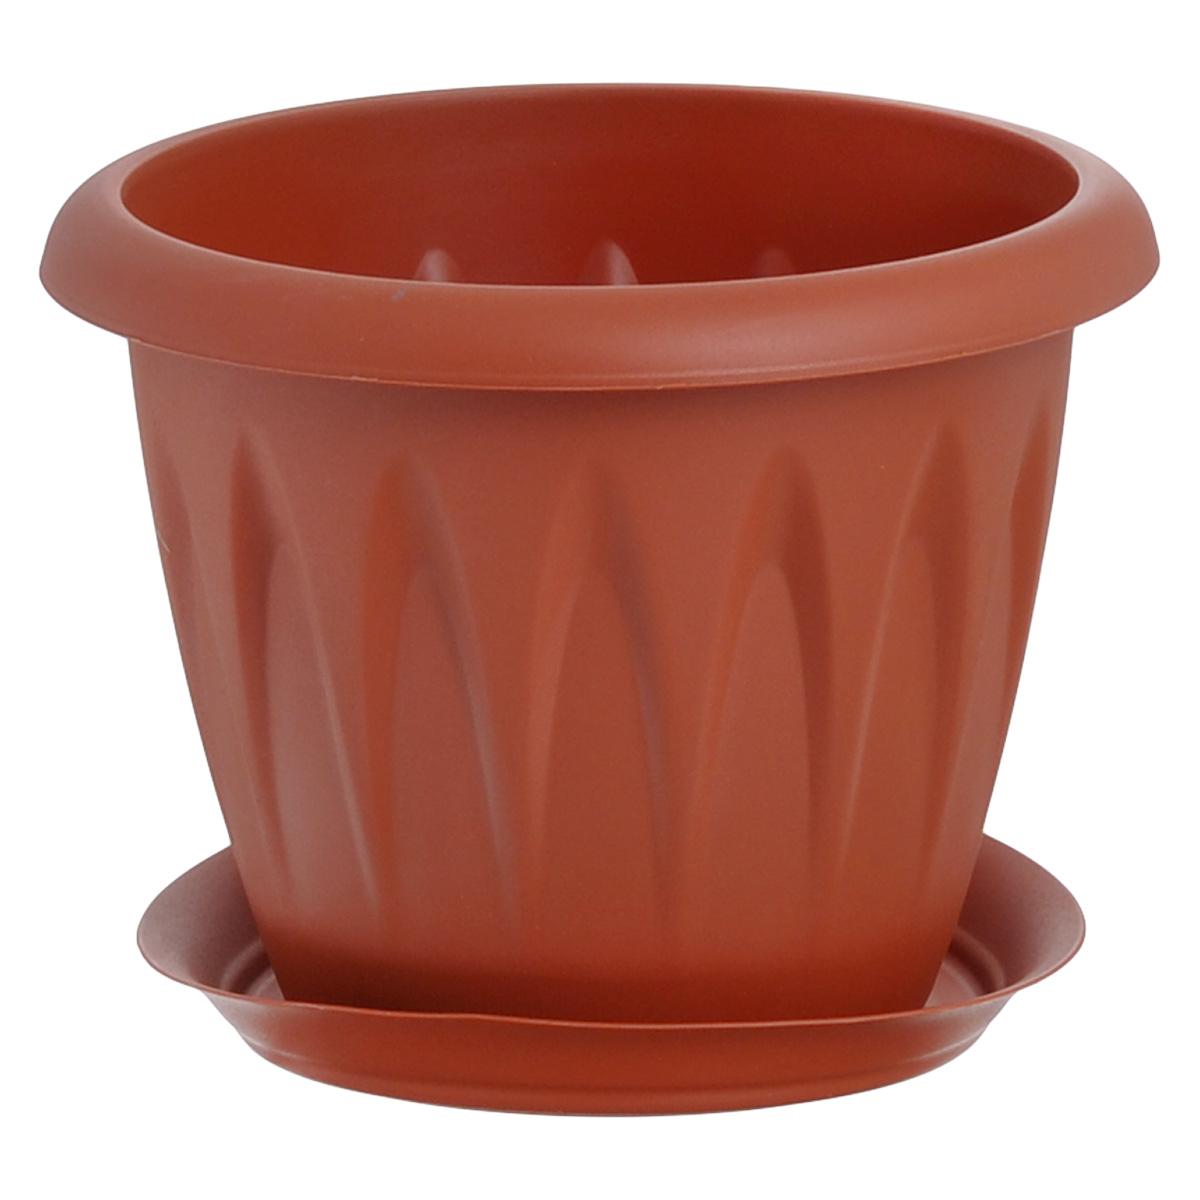 """Кашпо Idea """"Алиция"""" изготовлено из прочного полипропилена (пластика) и предназначено для выращивания растений, цветов и трав в домашних условиях. Круглый поддон обеспечивает сток воды. Такое кашпо порадует вас функциональностью, а благодаря лаконичному дизайну впишется в любой интерьер помещения. Диаметр кашпо по верхнему краю: 18 см. Высота кашпо: 14 см. Диаметр поддона: 13 см. Объем кашпо: 2 л."""